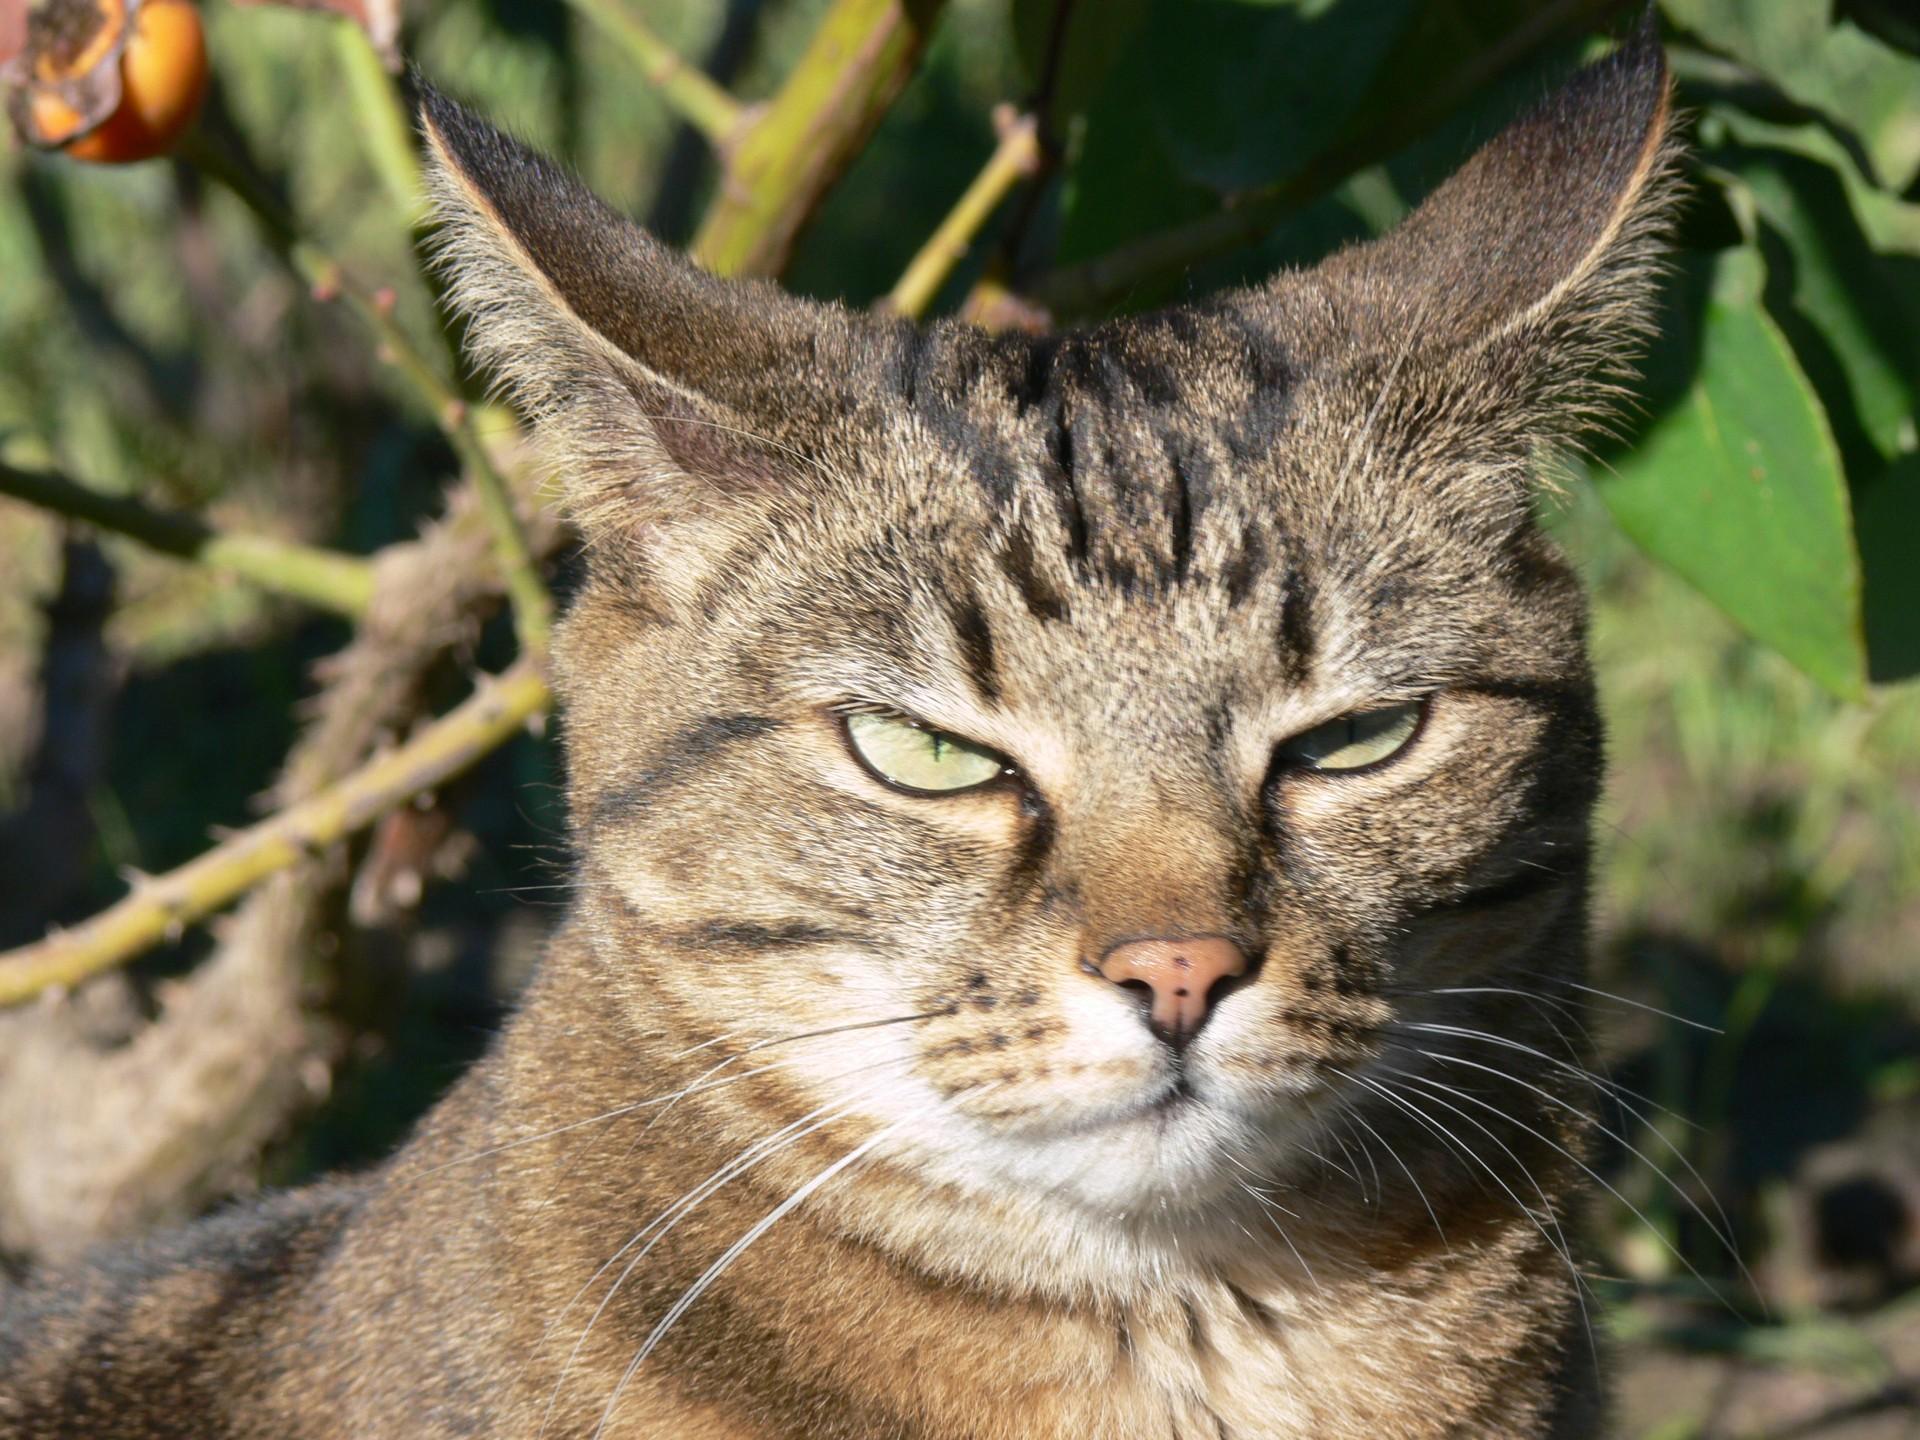 Los gatos que van al jardín tienen que estar identificados